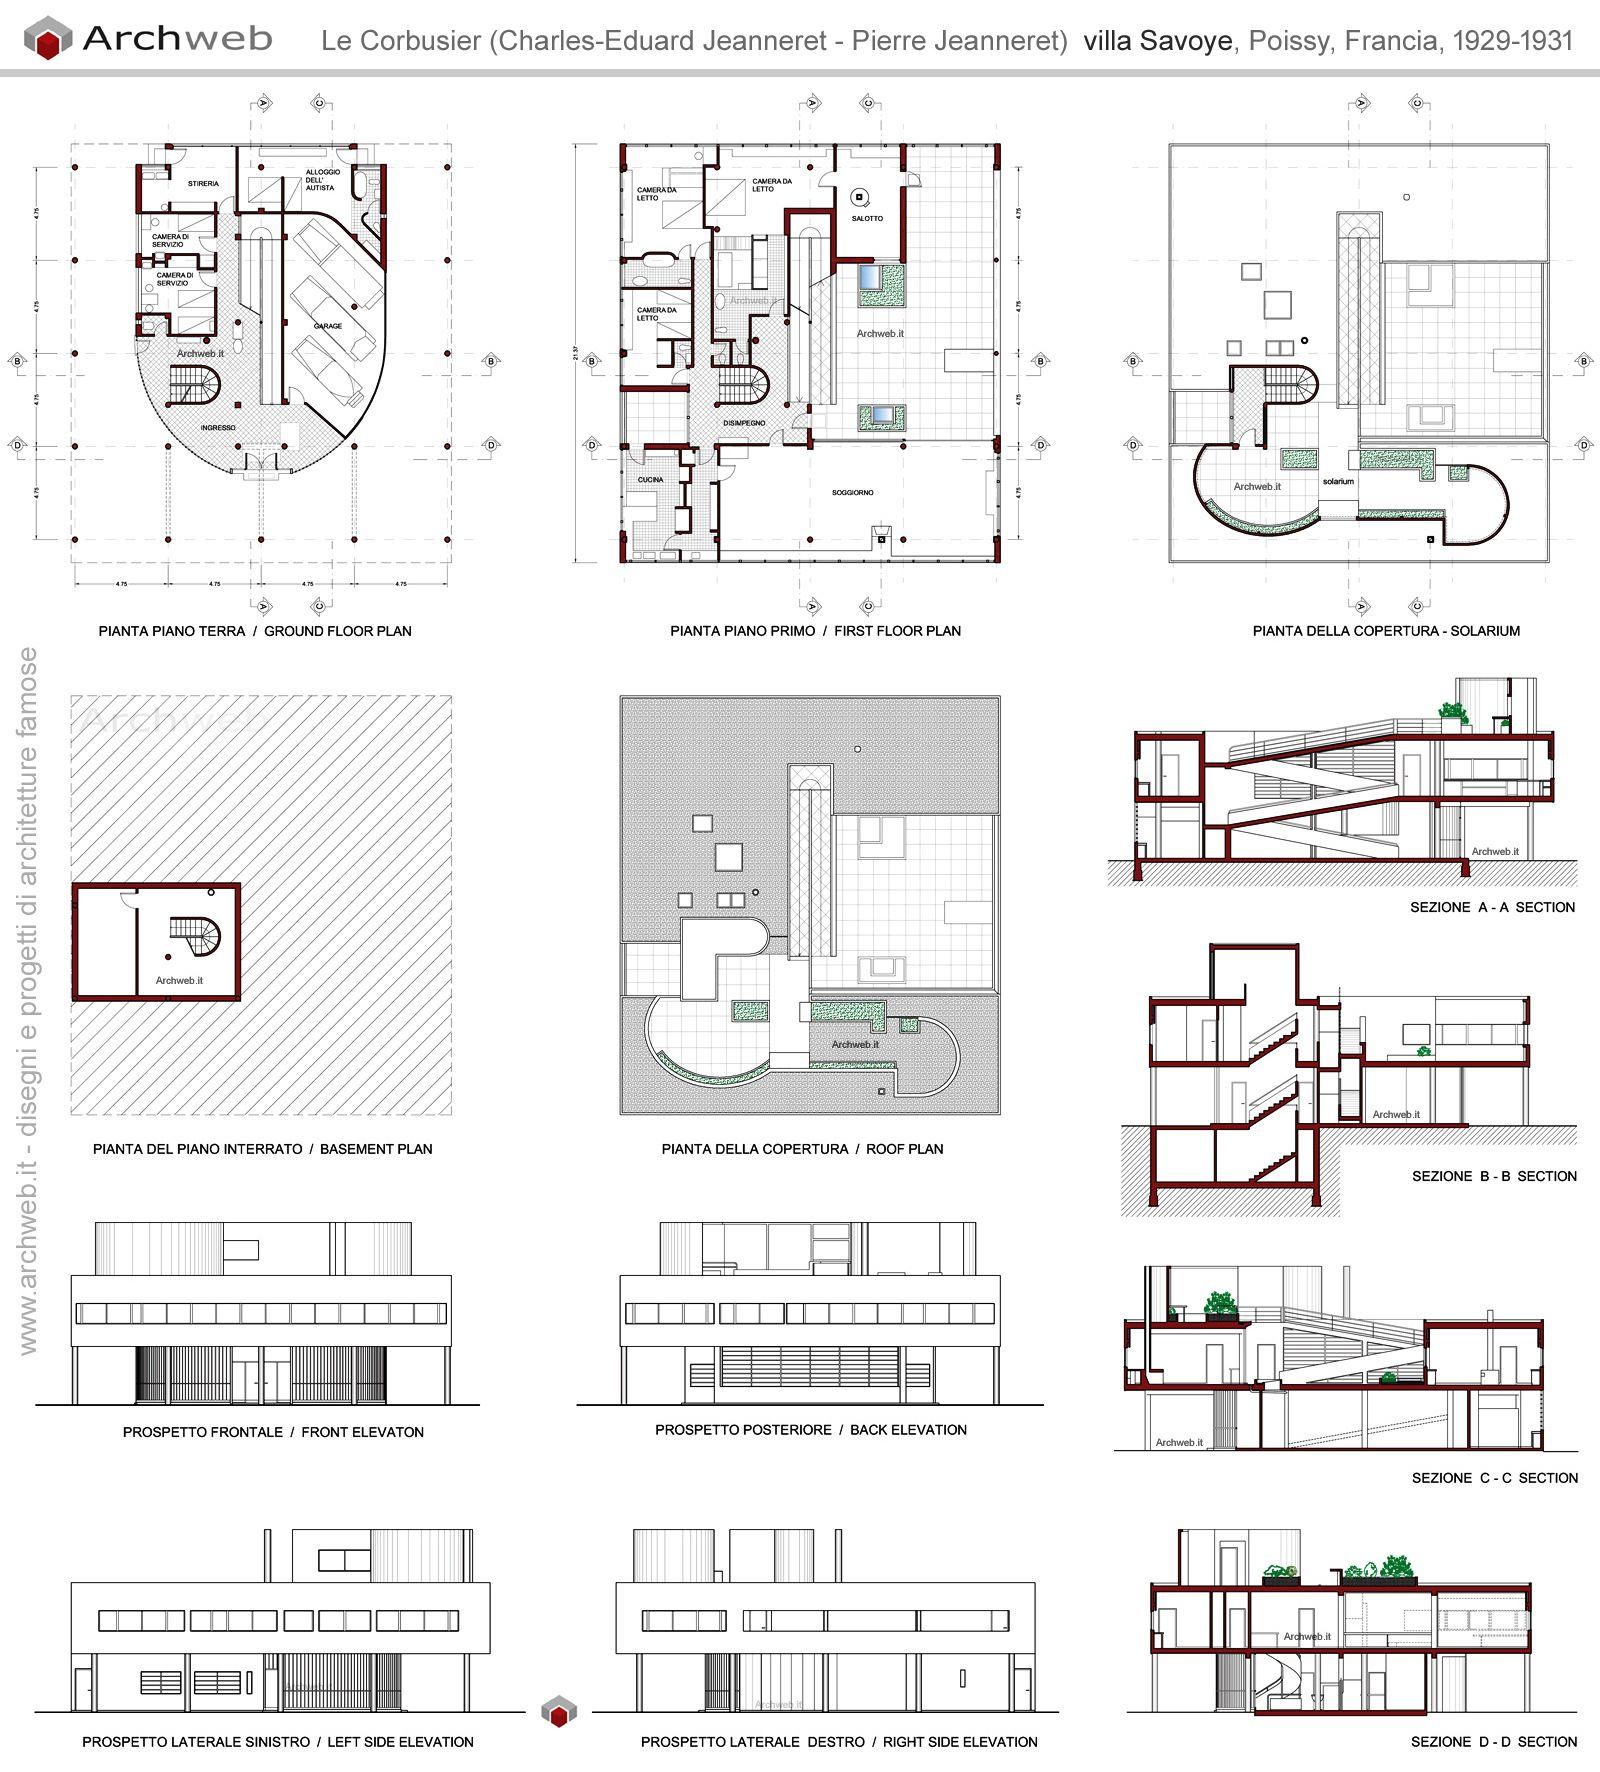 Villa savoye plan drawings